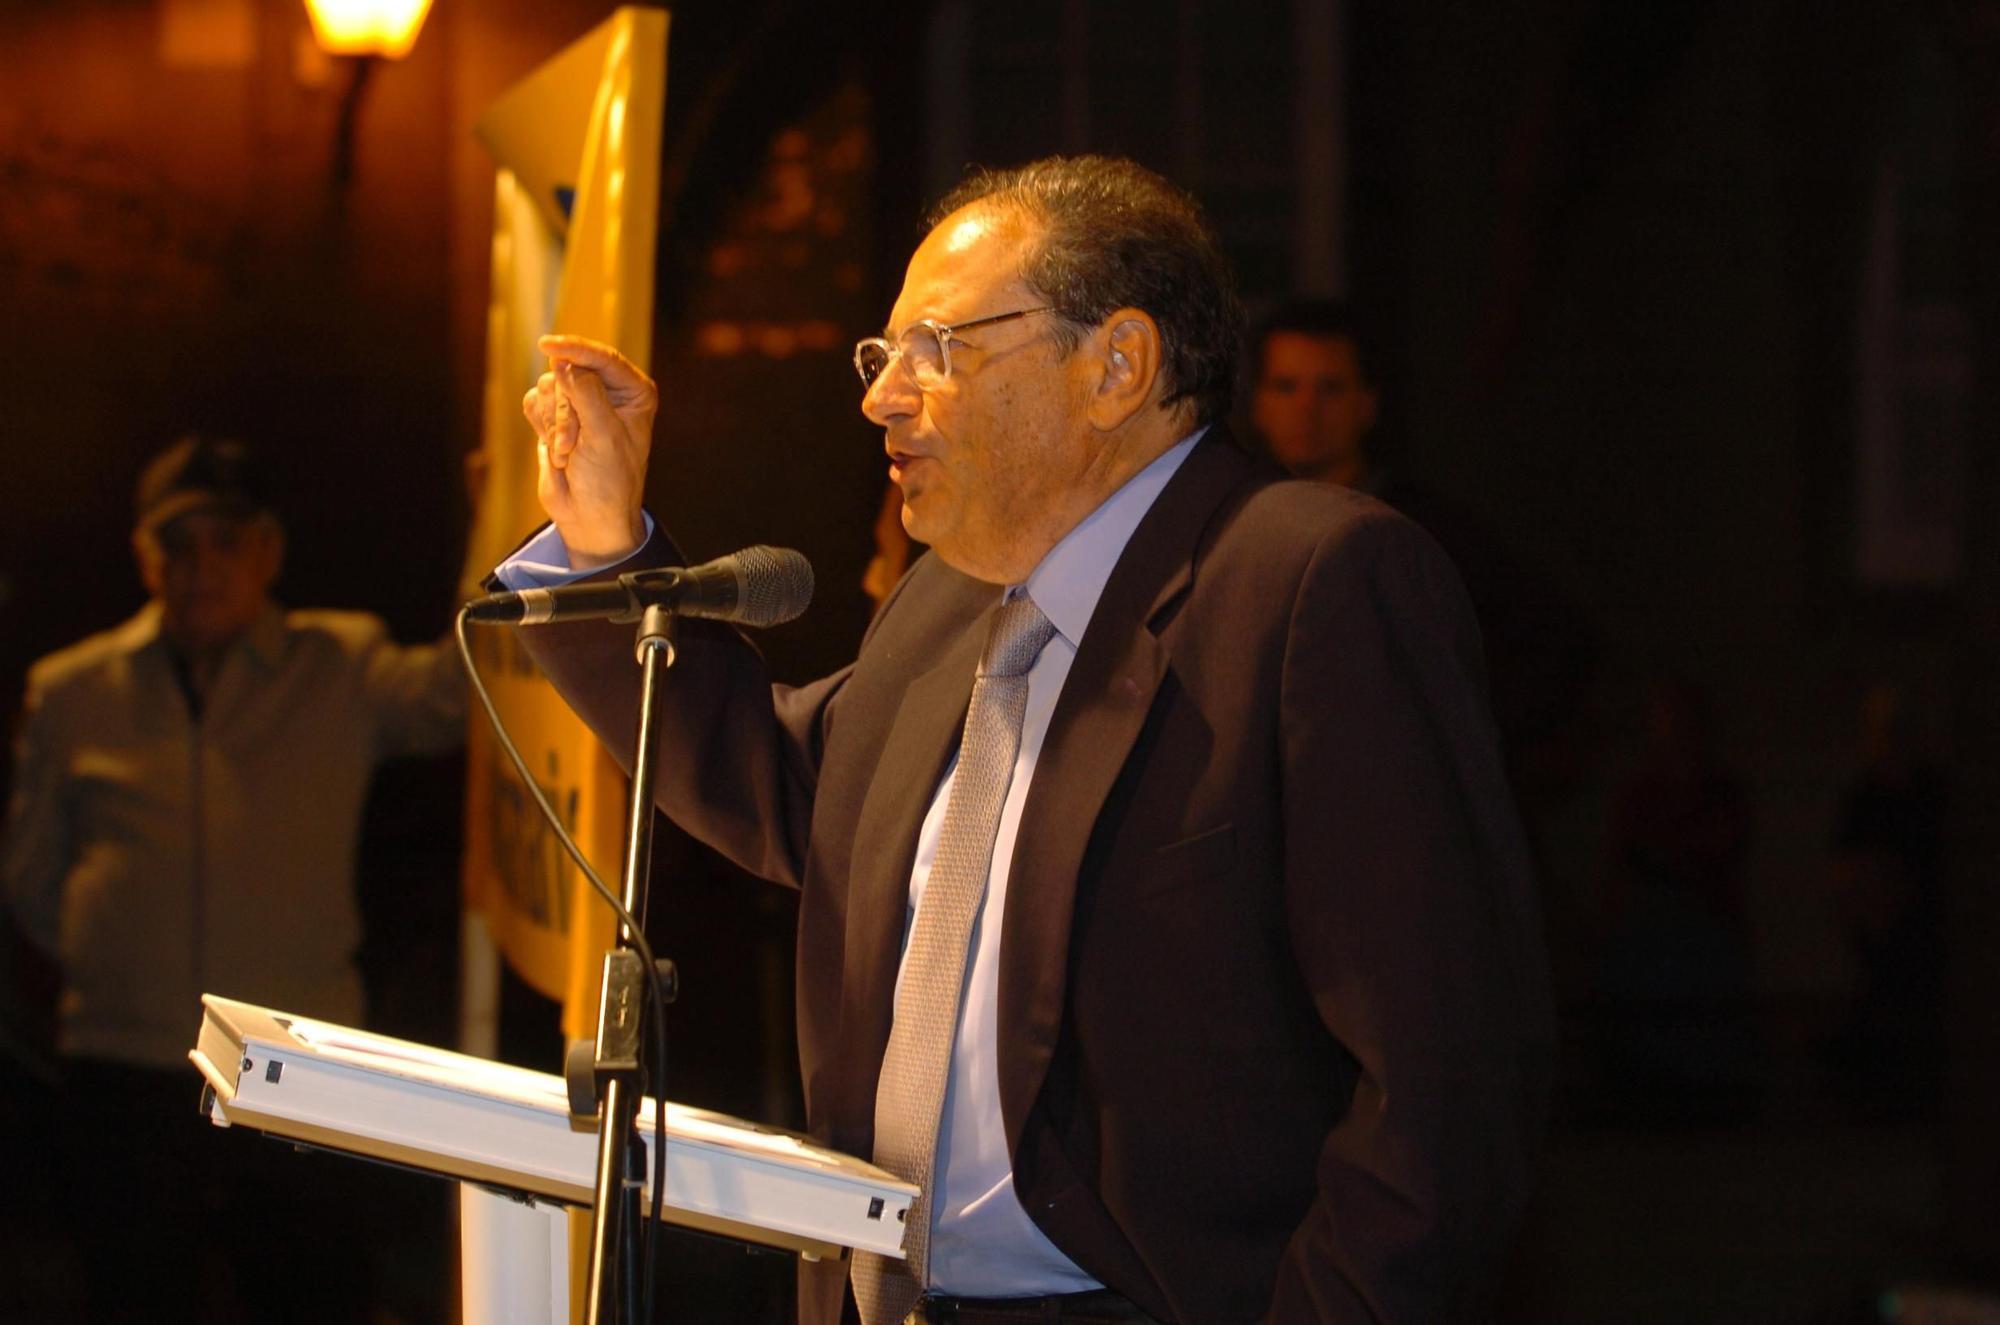 La vida de Onelio Ramos Medina, en imágenes